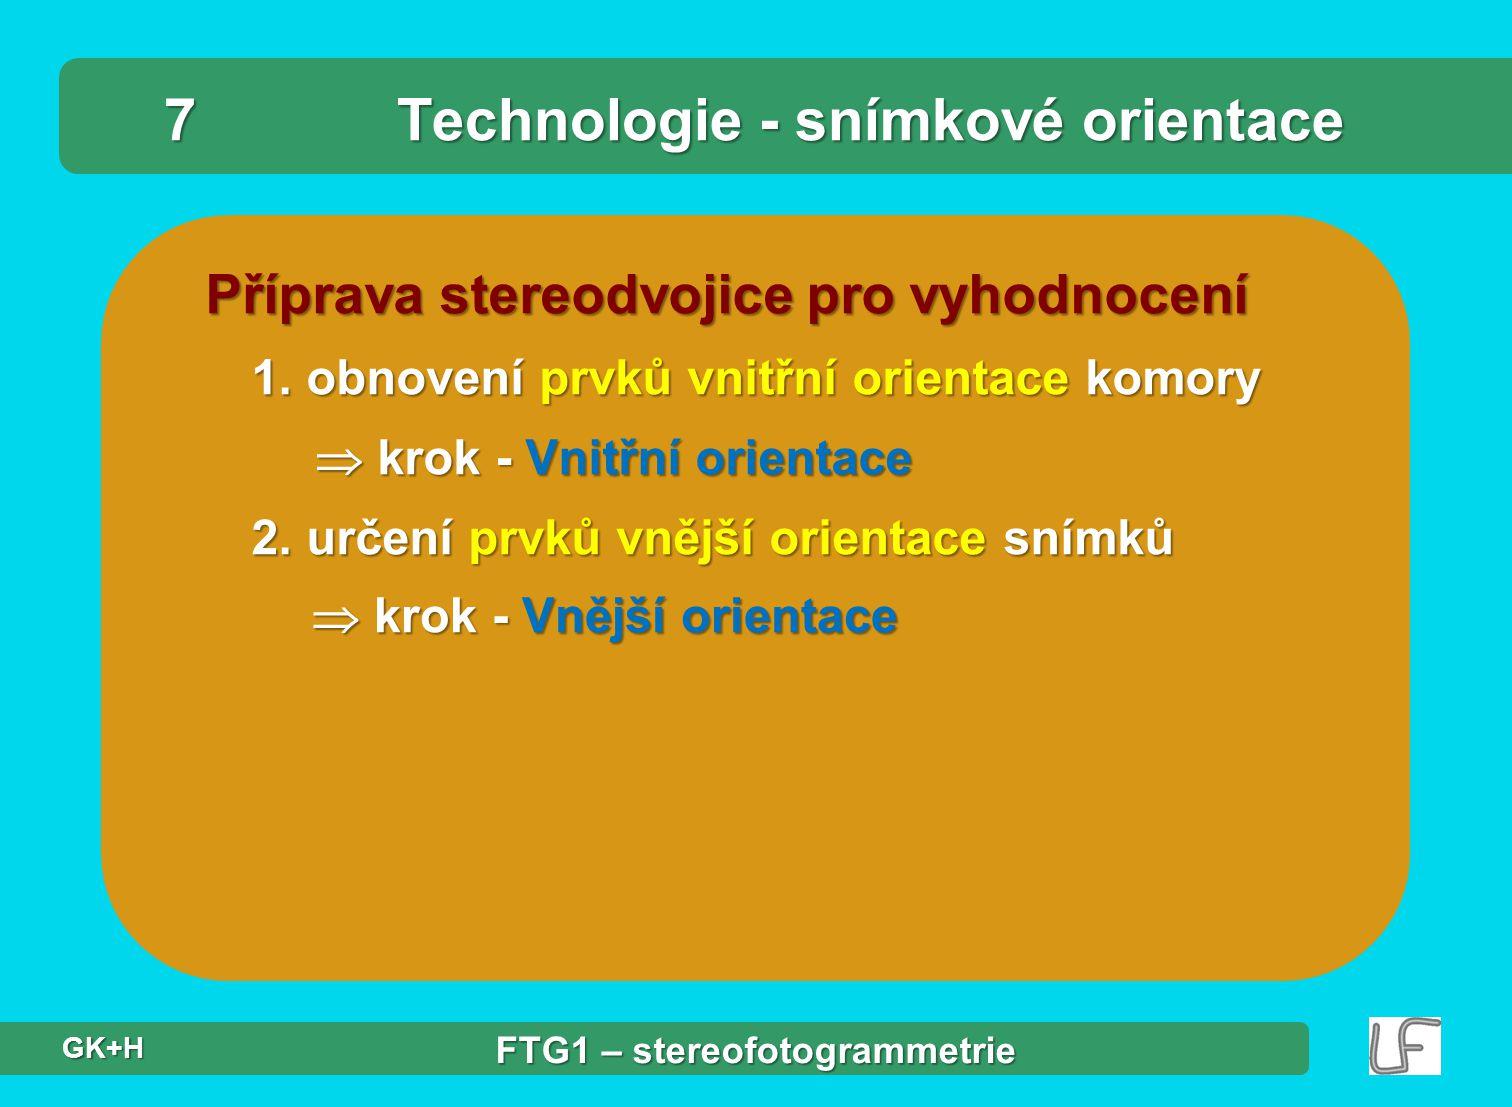 7 Technologie - snímkové orientace